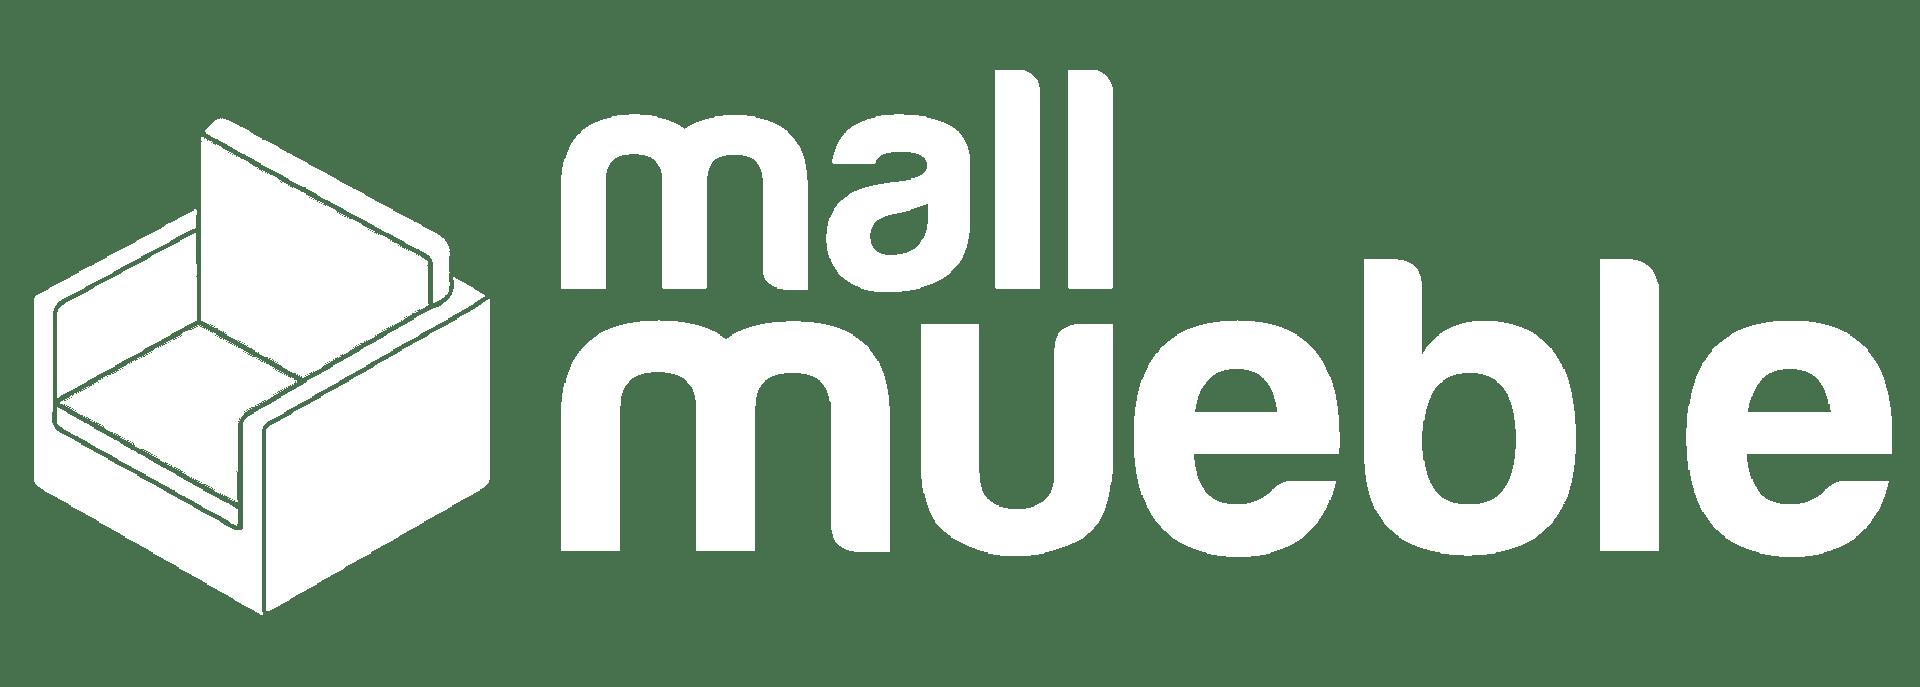 mall mueble 2021 blanco copia